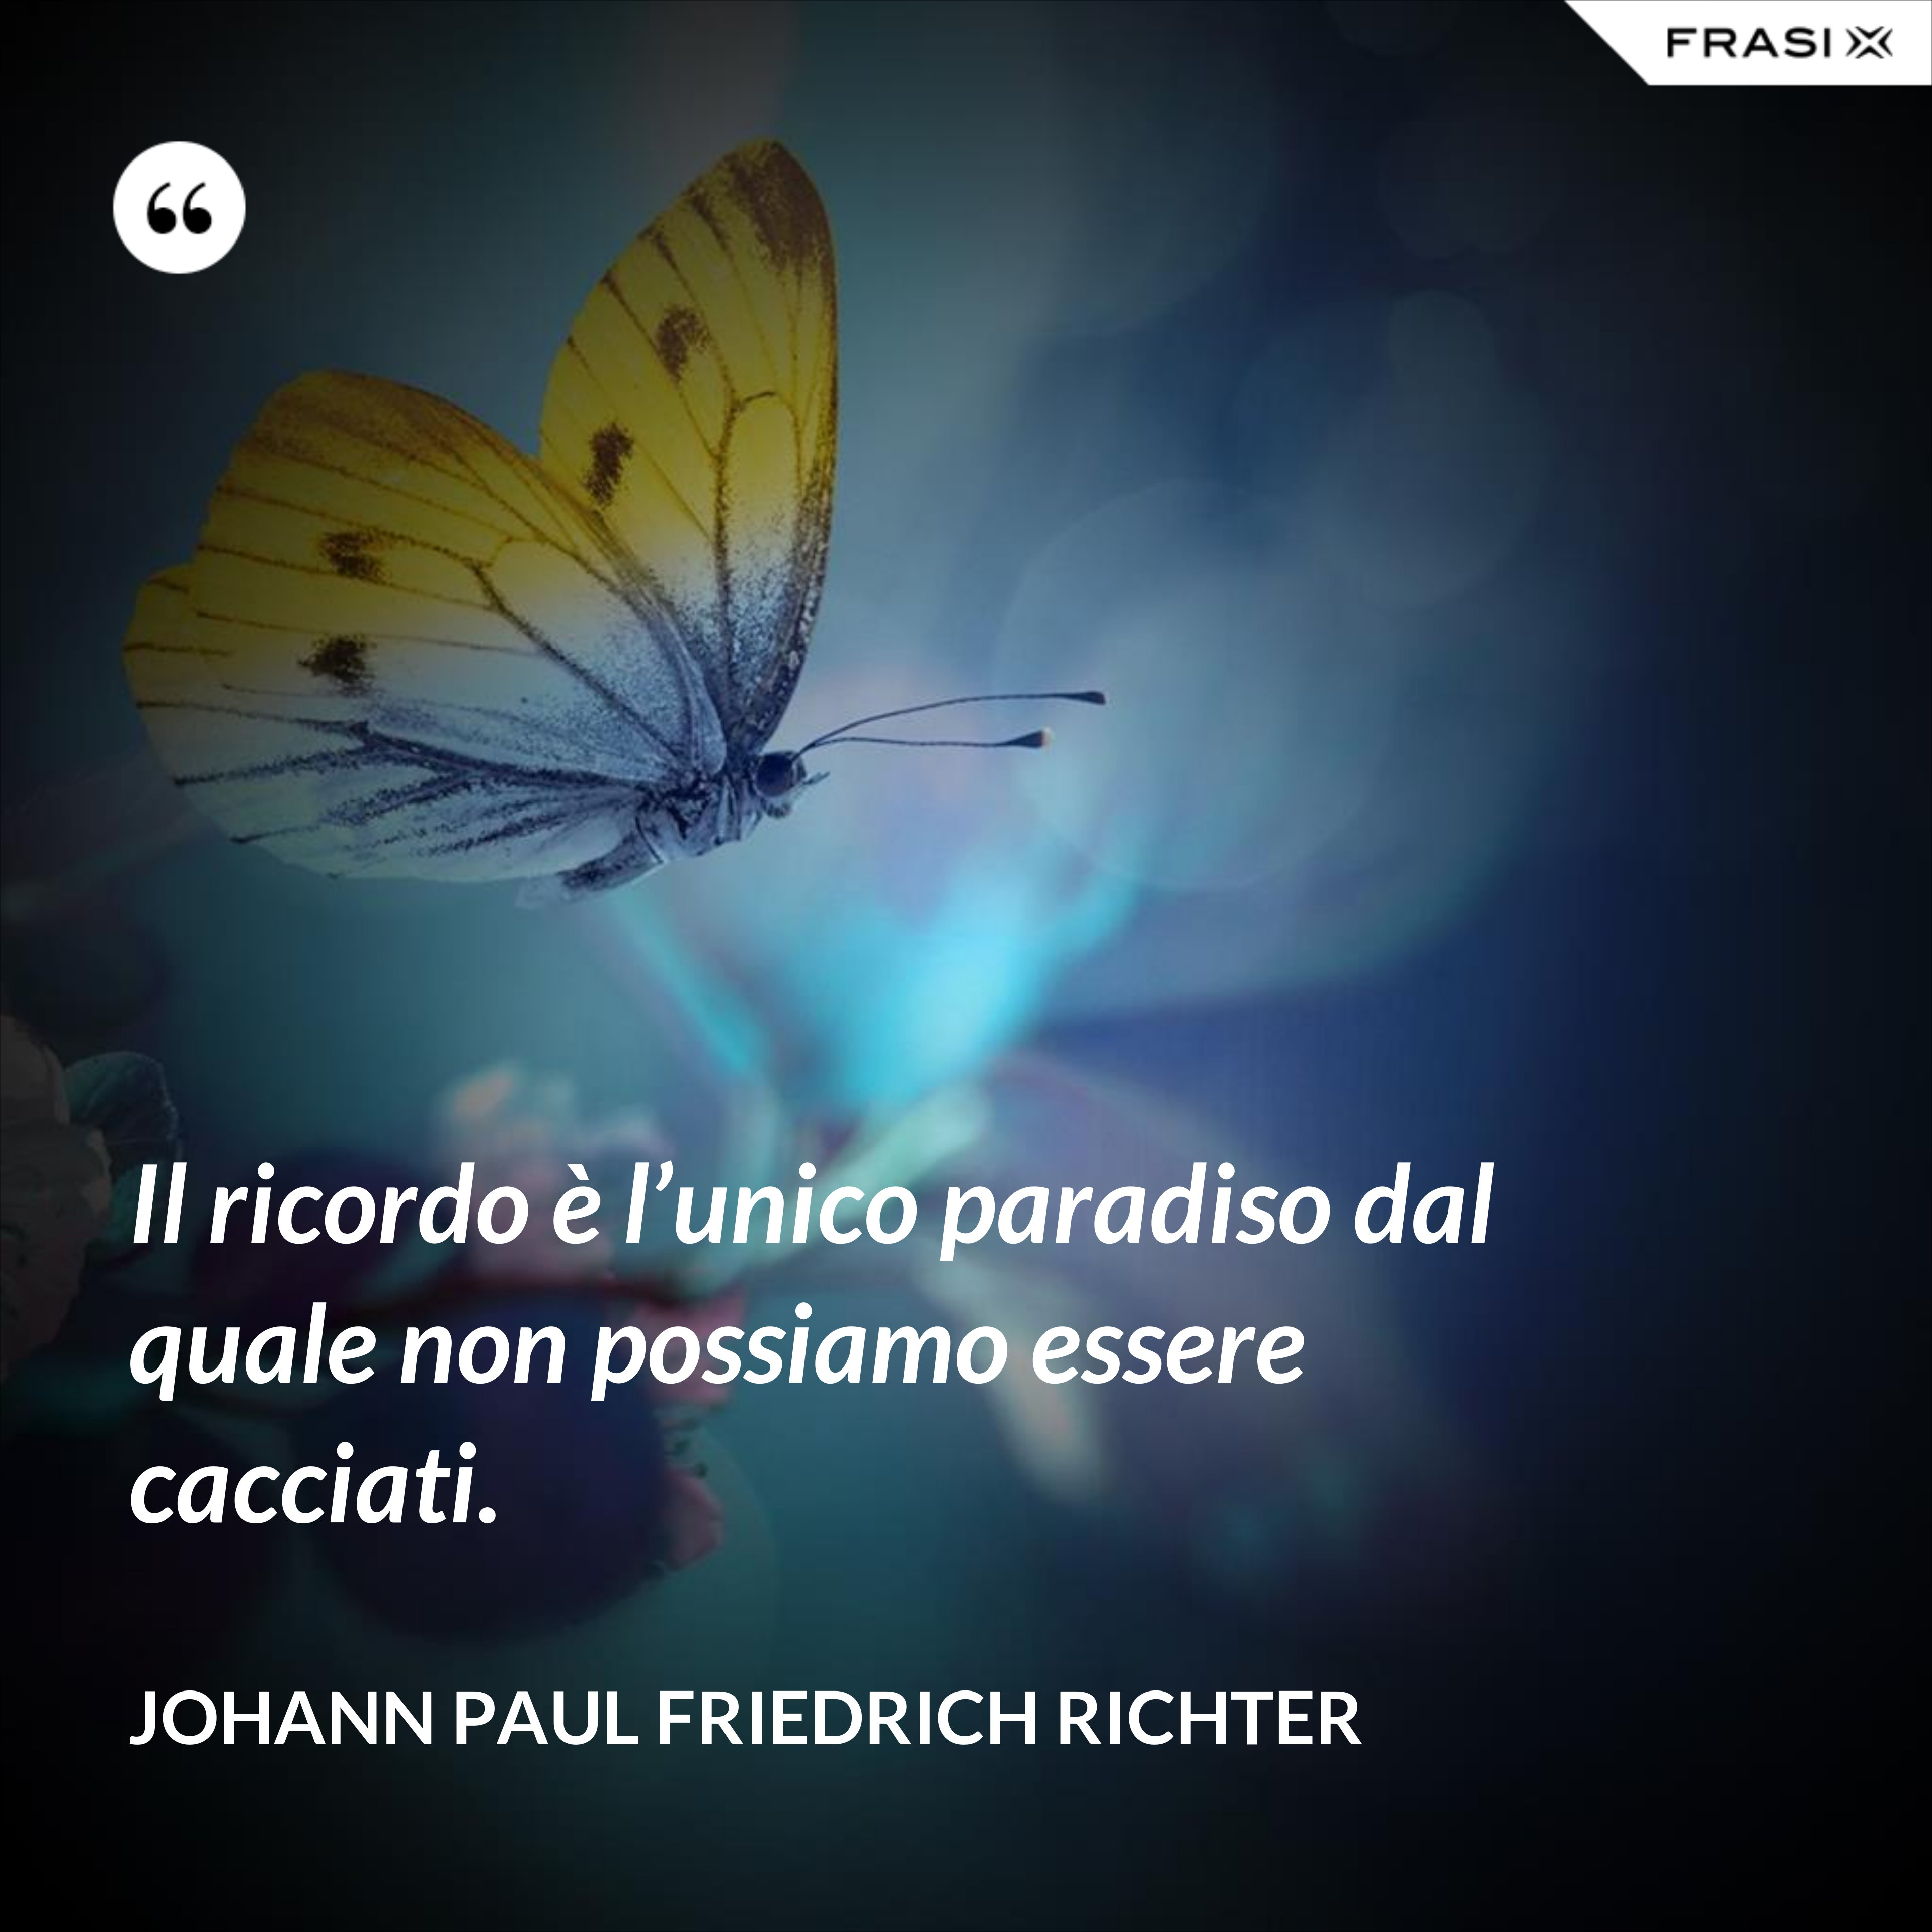 Il ricordo è l'unico paradiso dal quale non possiamo essere cacciati. - Johann Paul Friedrich Richter